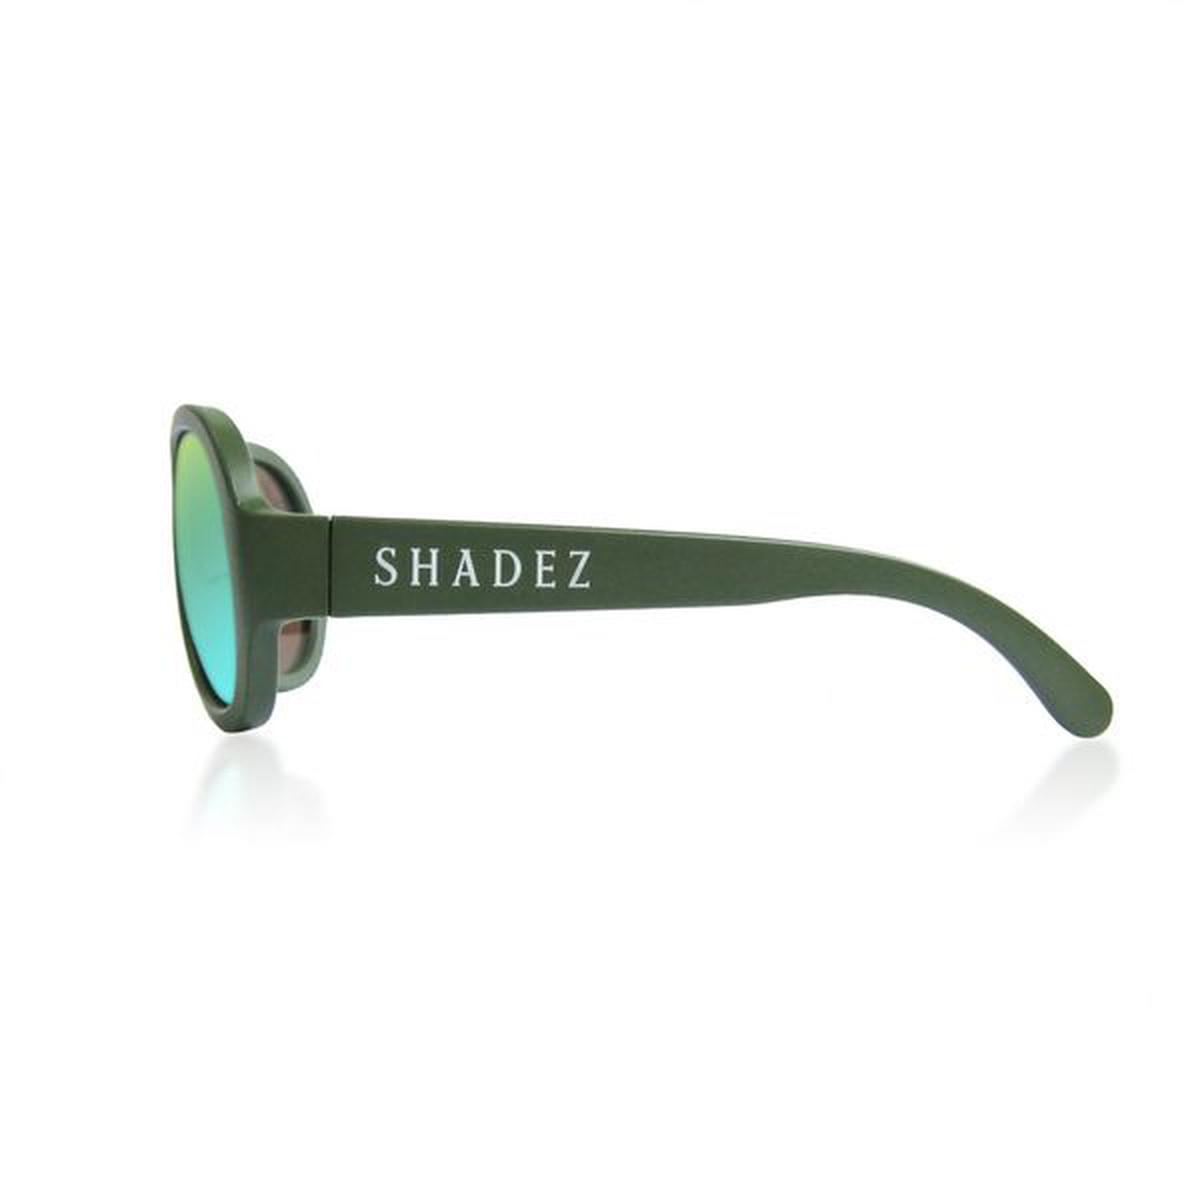 SHADEZ - VIP POLARIZ